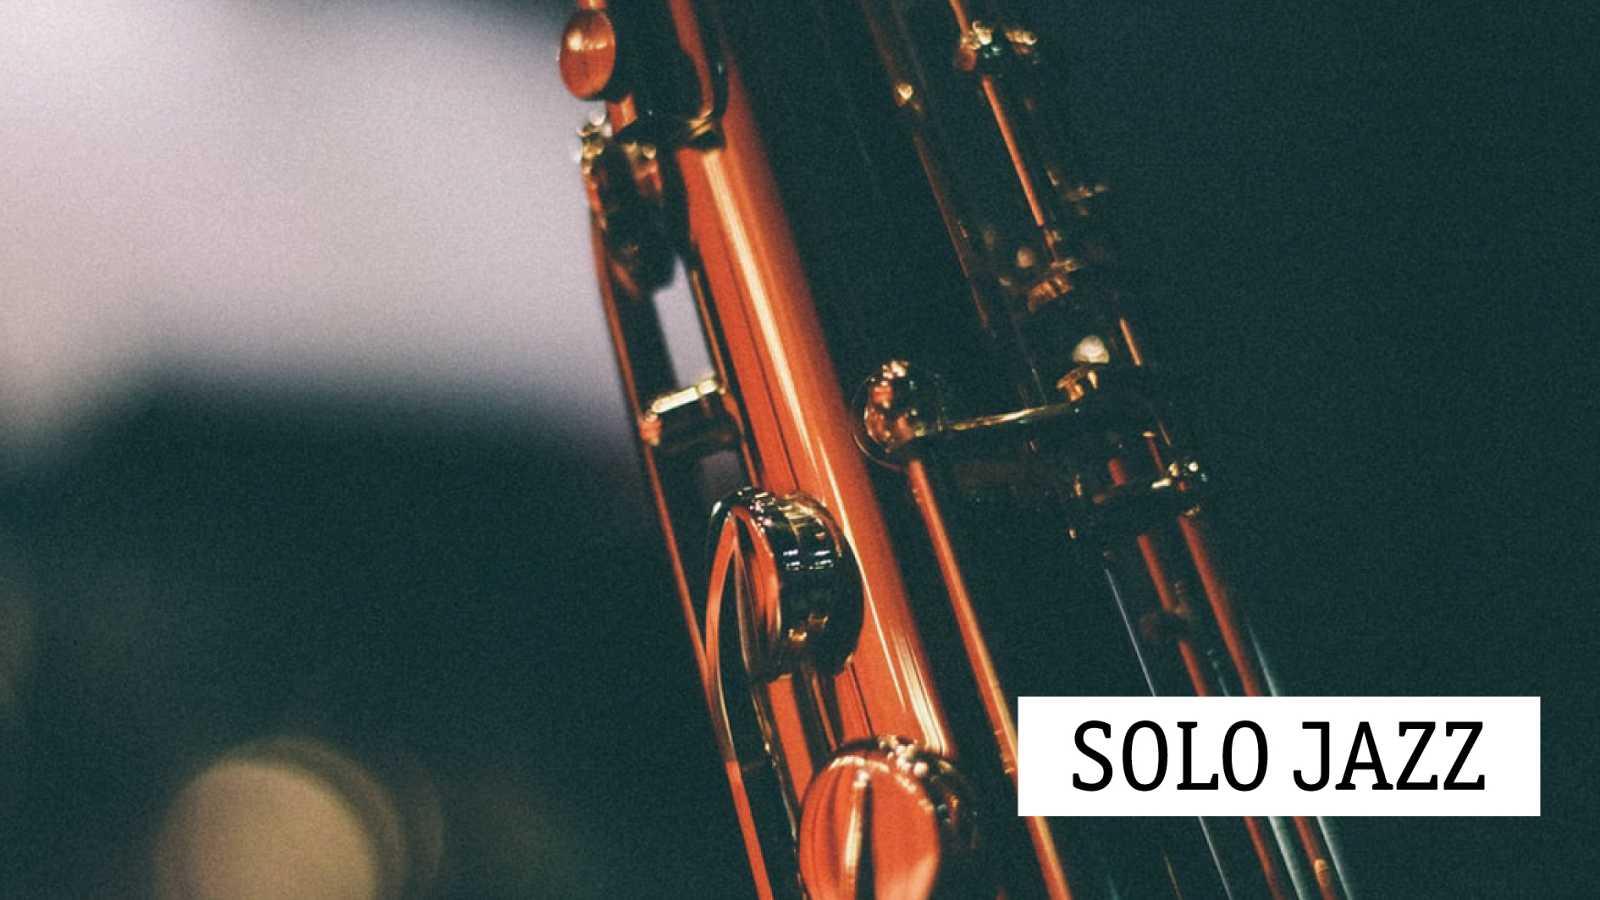 Solo Jazz -  Bienvenido a la cata de pianistas contemporáneos (I) - 10/06/20 - escuchar ahora